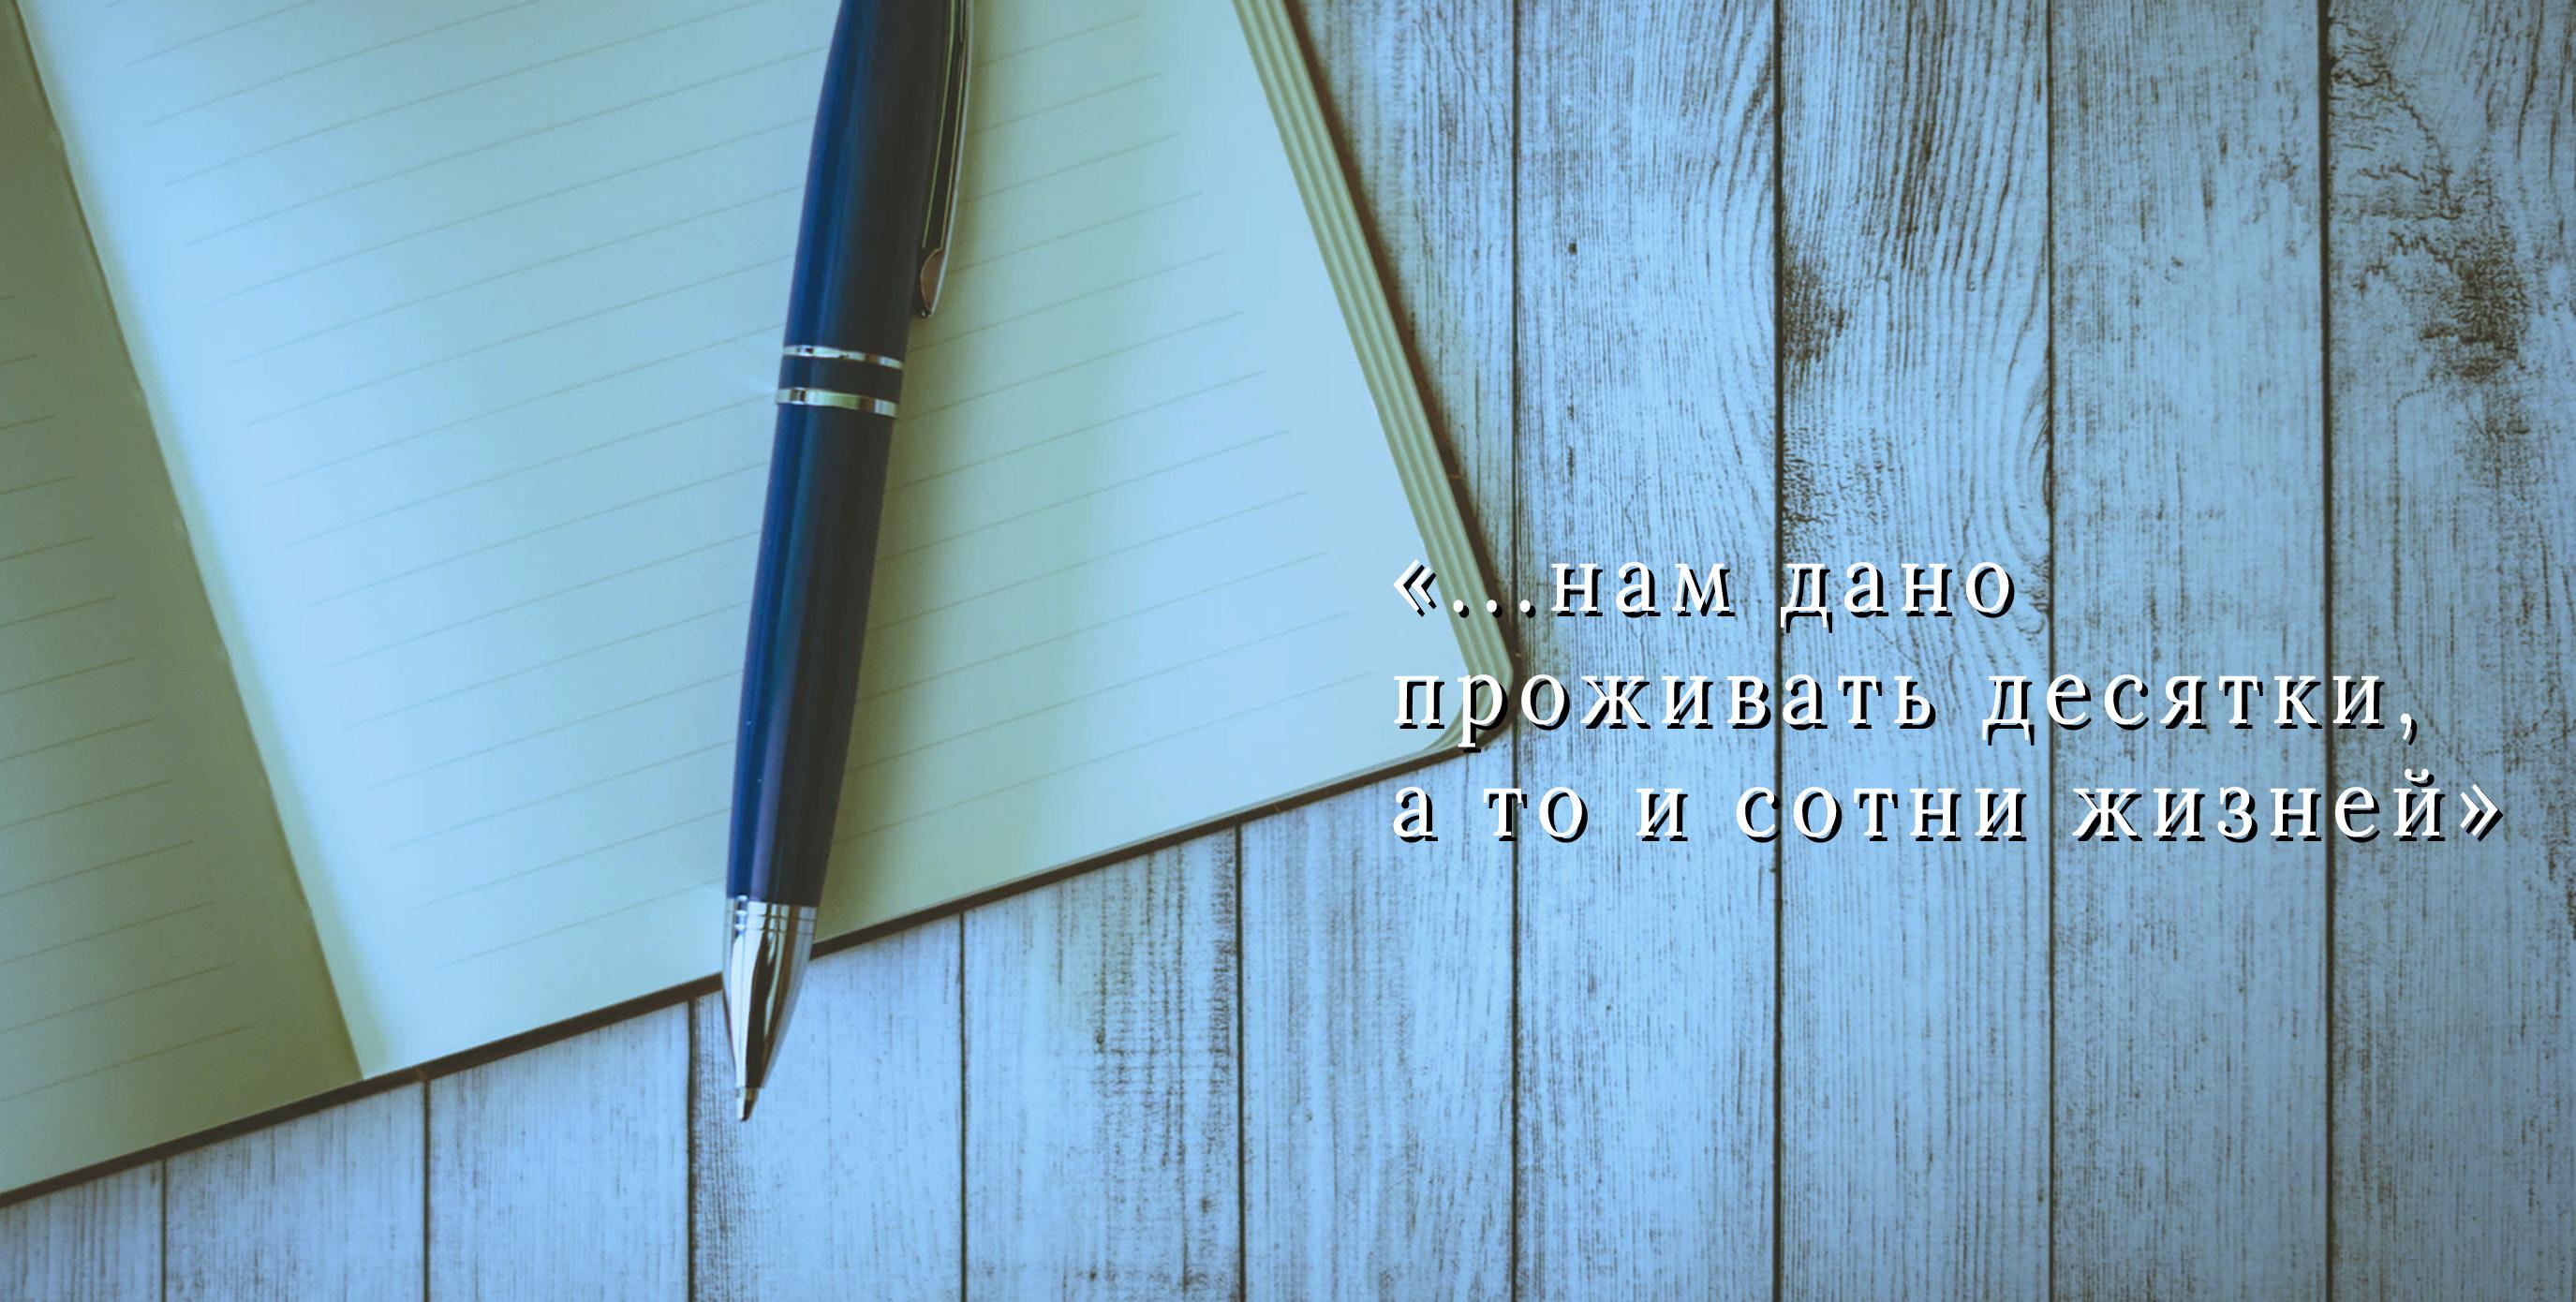 Выпуск 5. О творческом пути, судьбе и писательском мастерстве